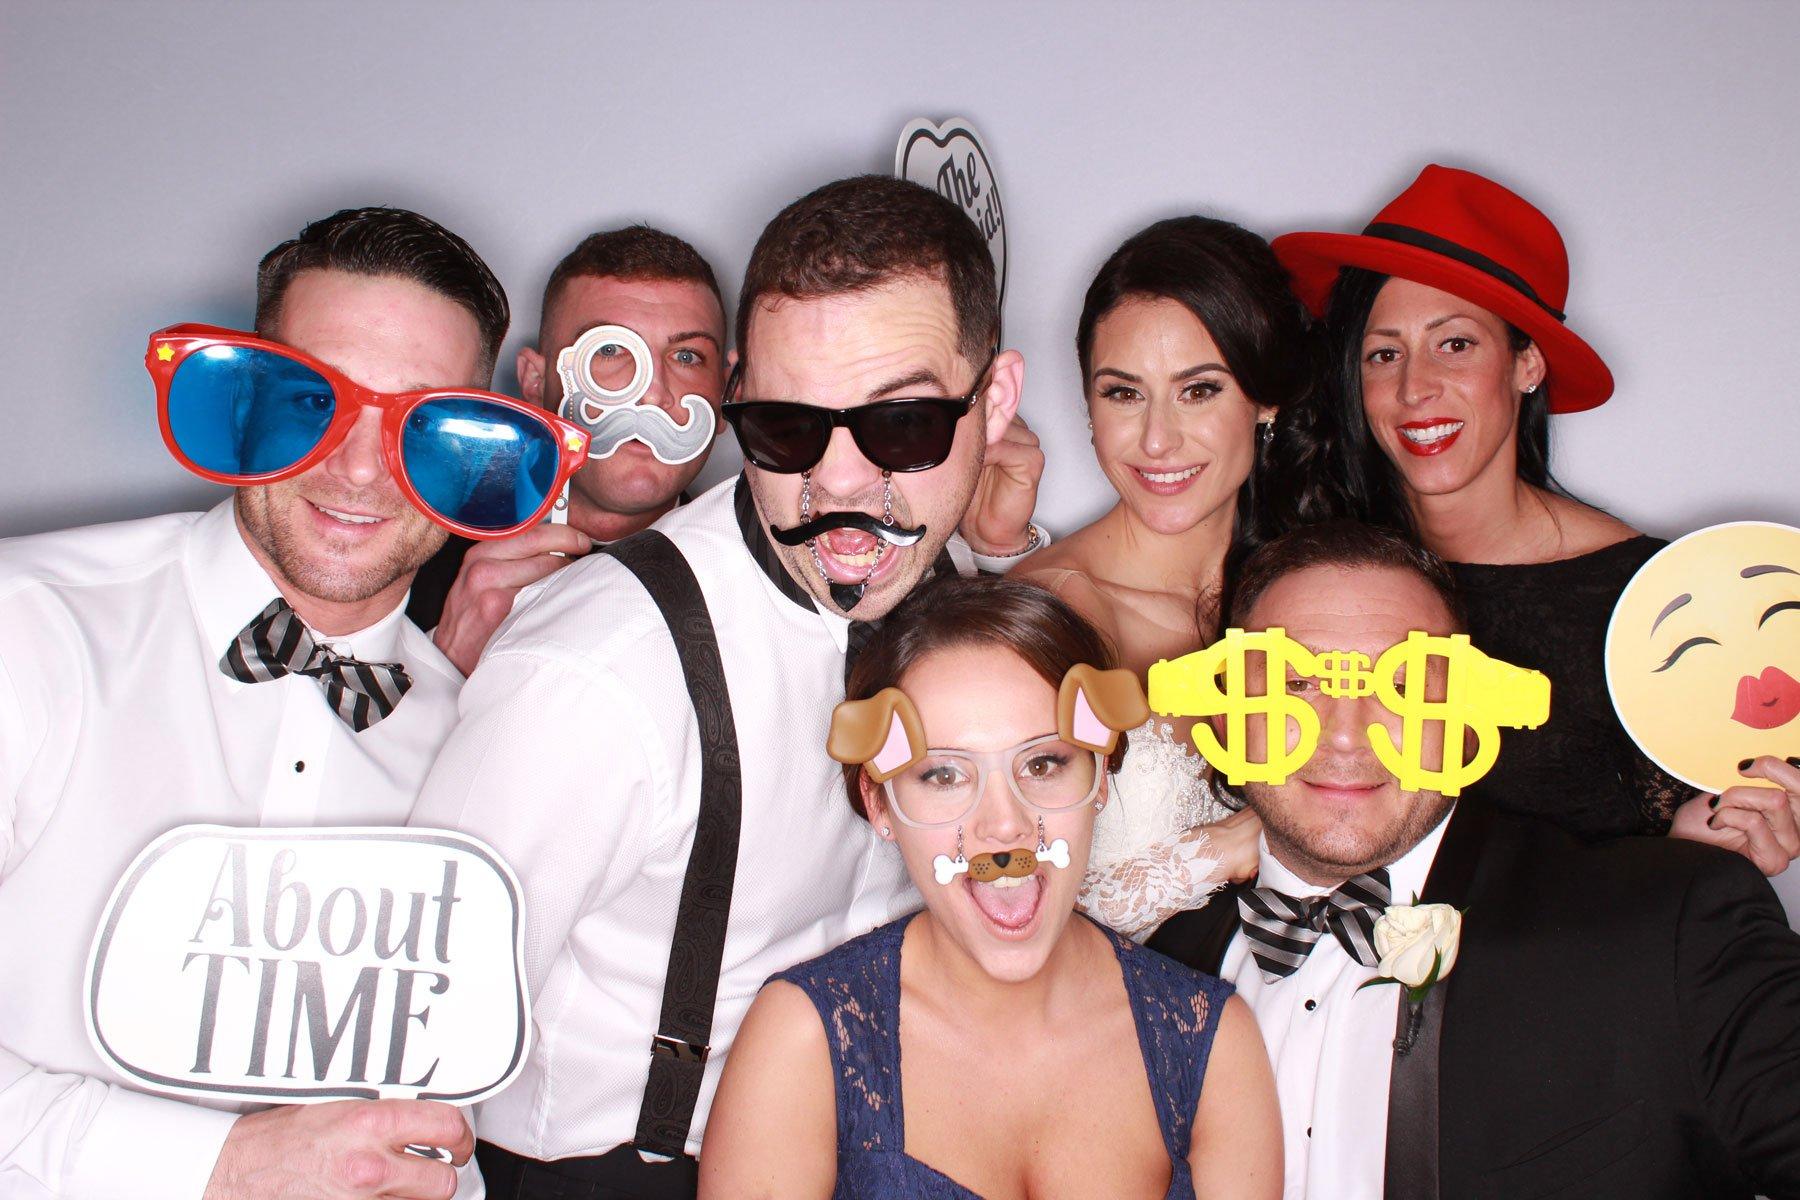 coole Partyfotos machen Photobooth